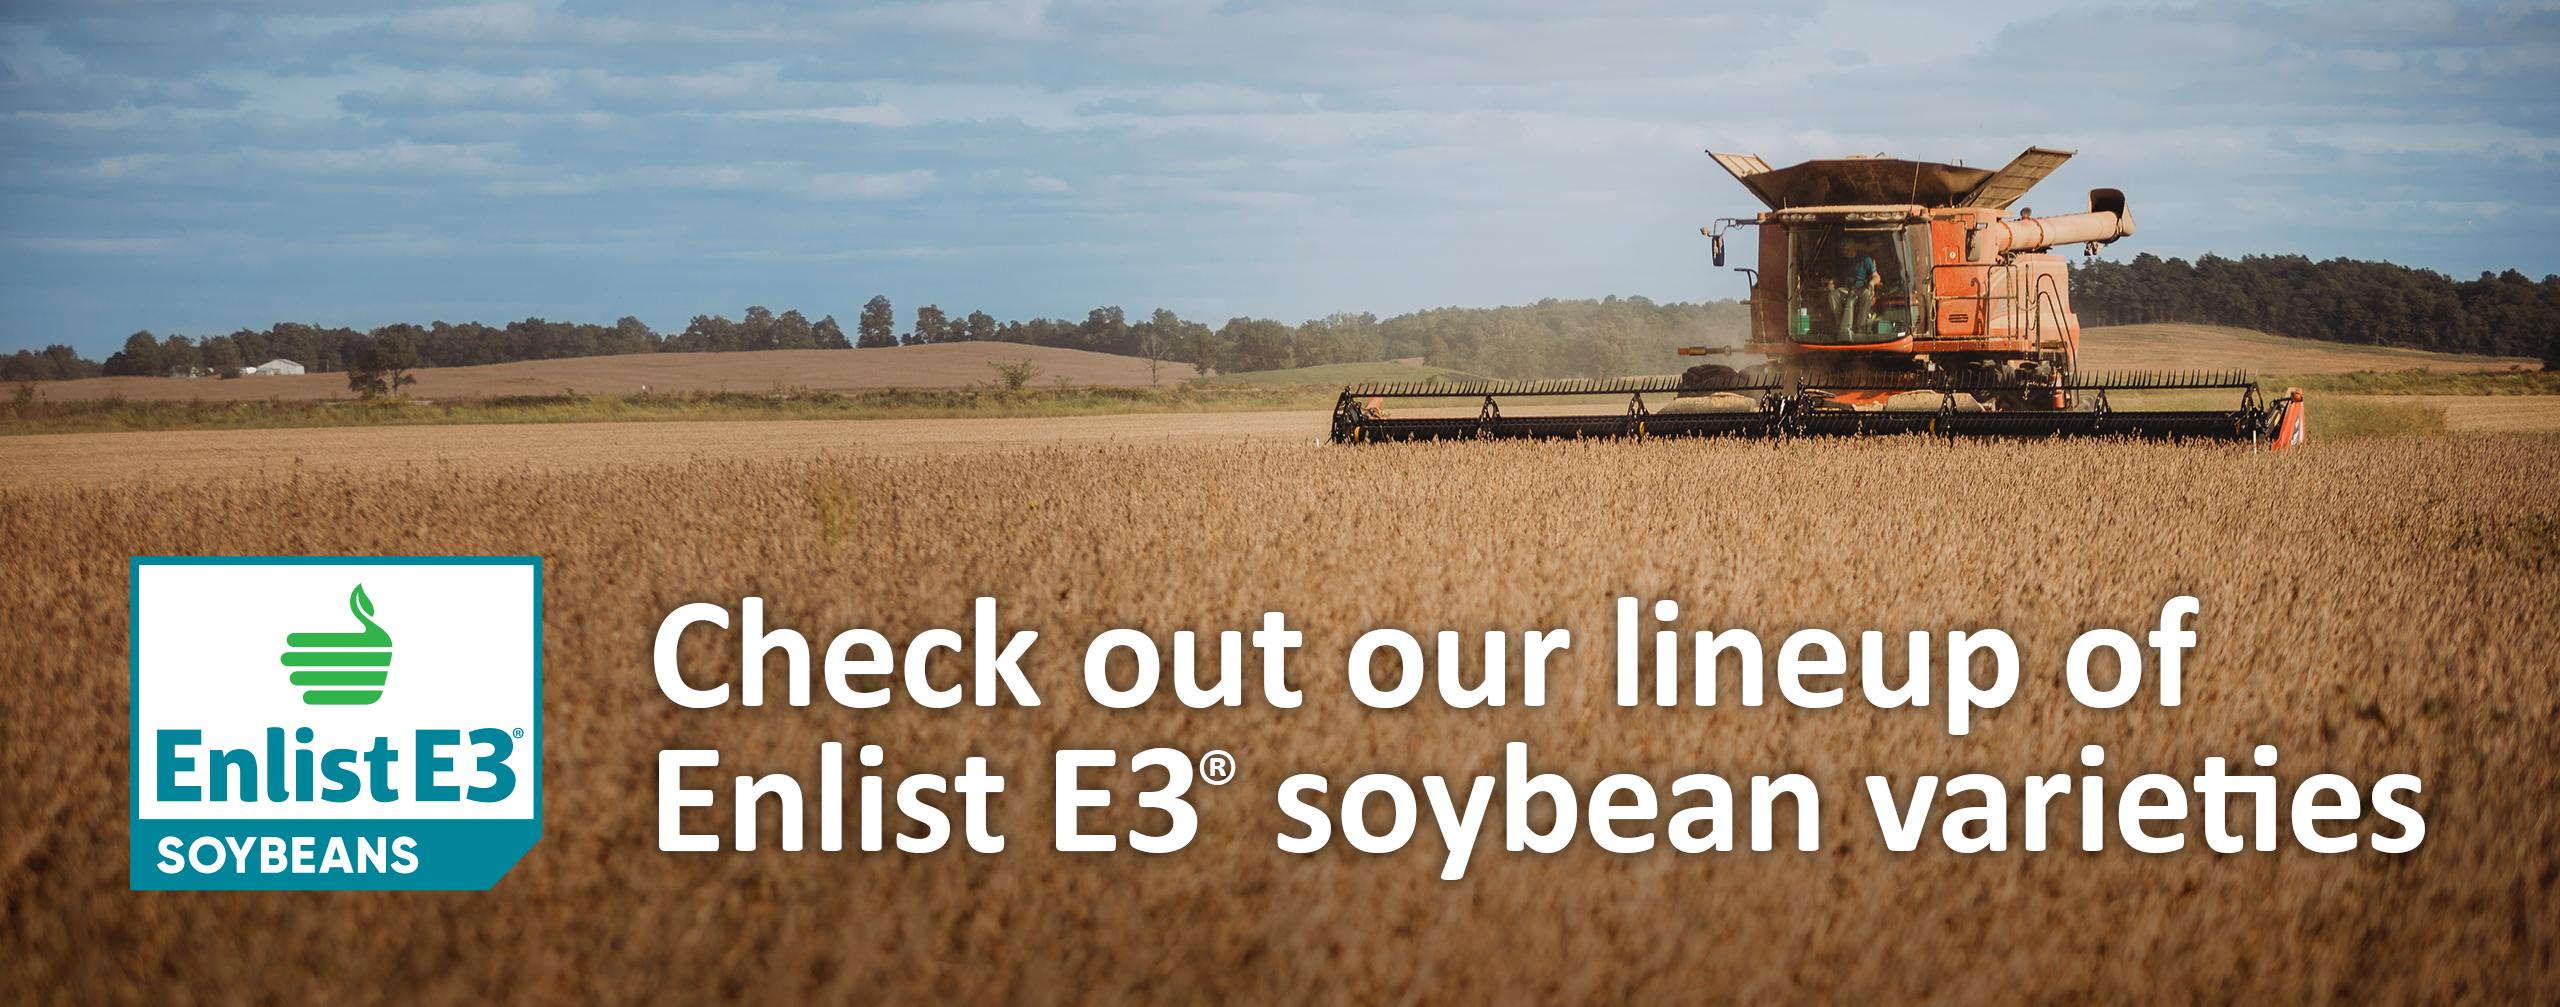 Enlist E3 soybeans